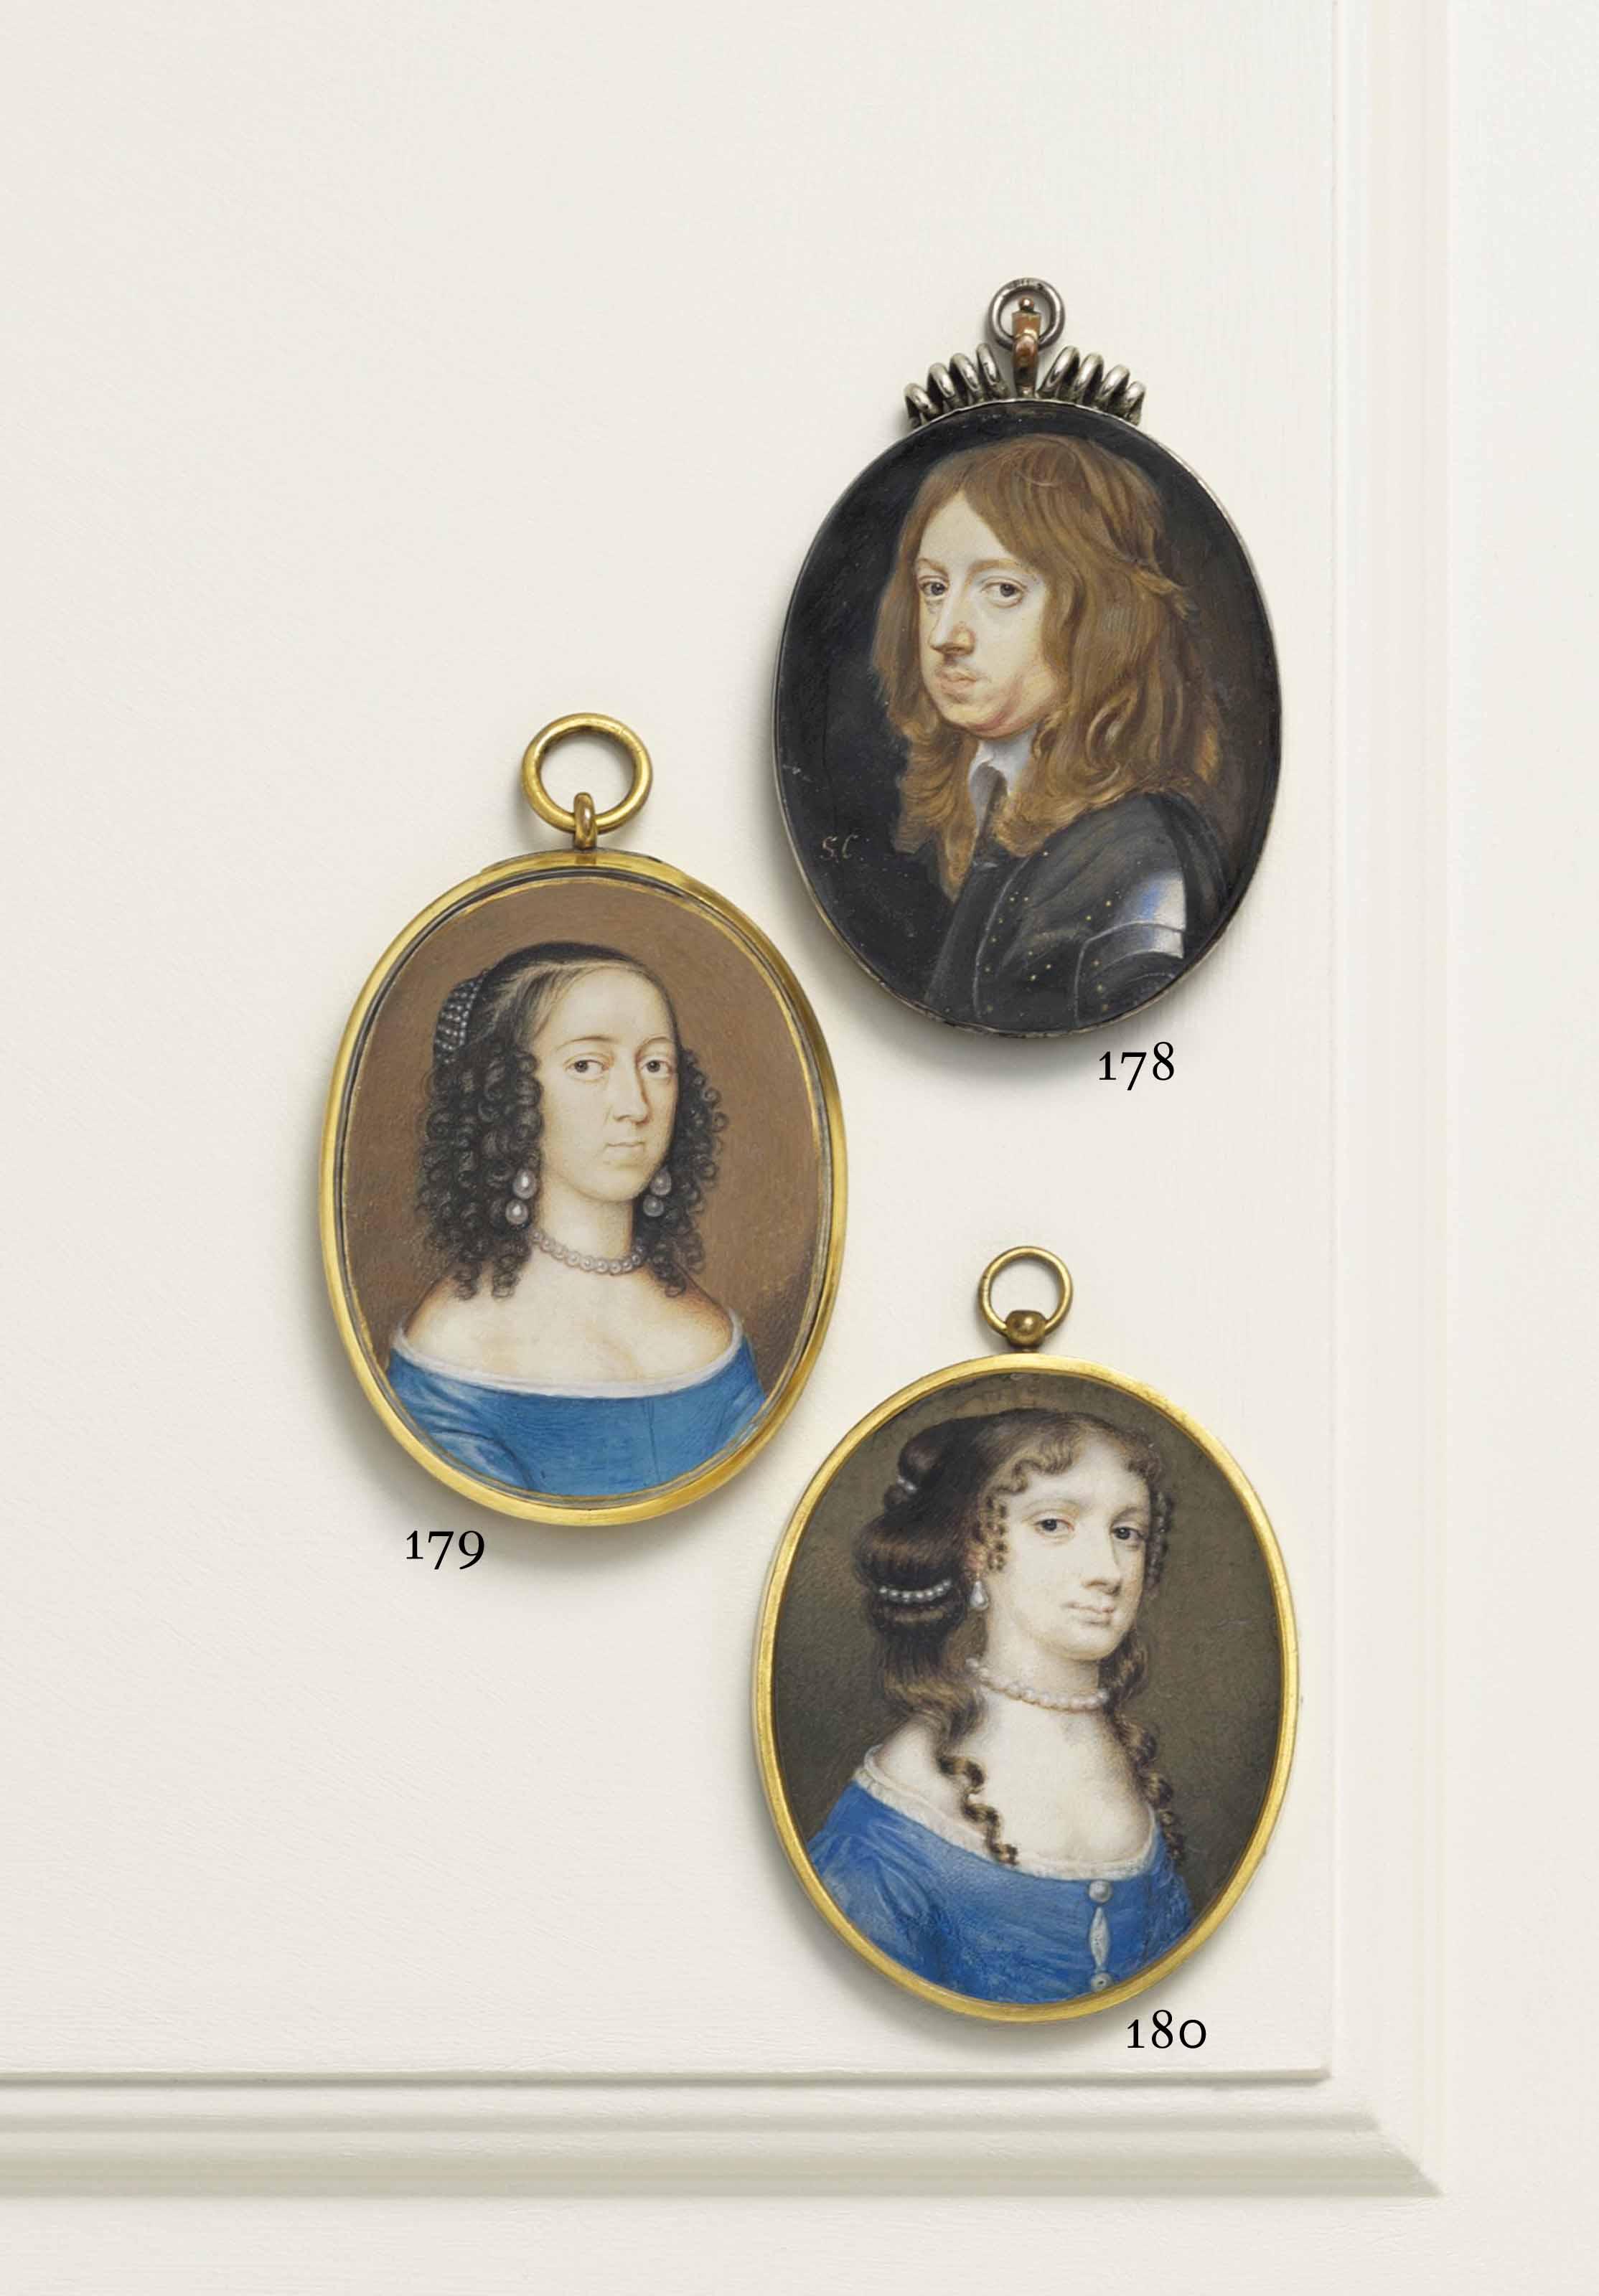 DAVID DES GRANGES (BRITISH, C. 1611 - C. 1675)